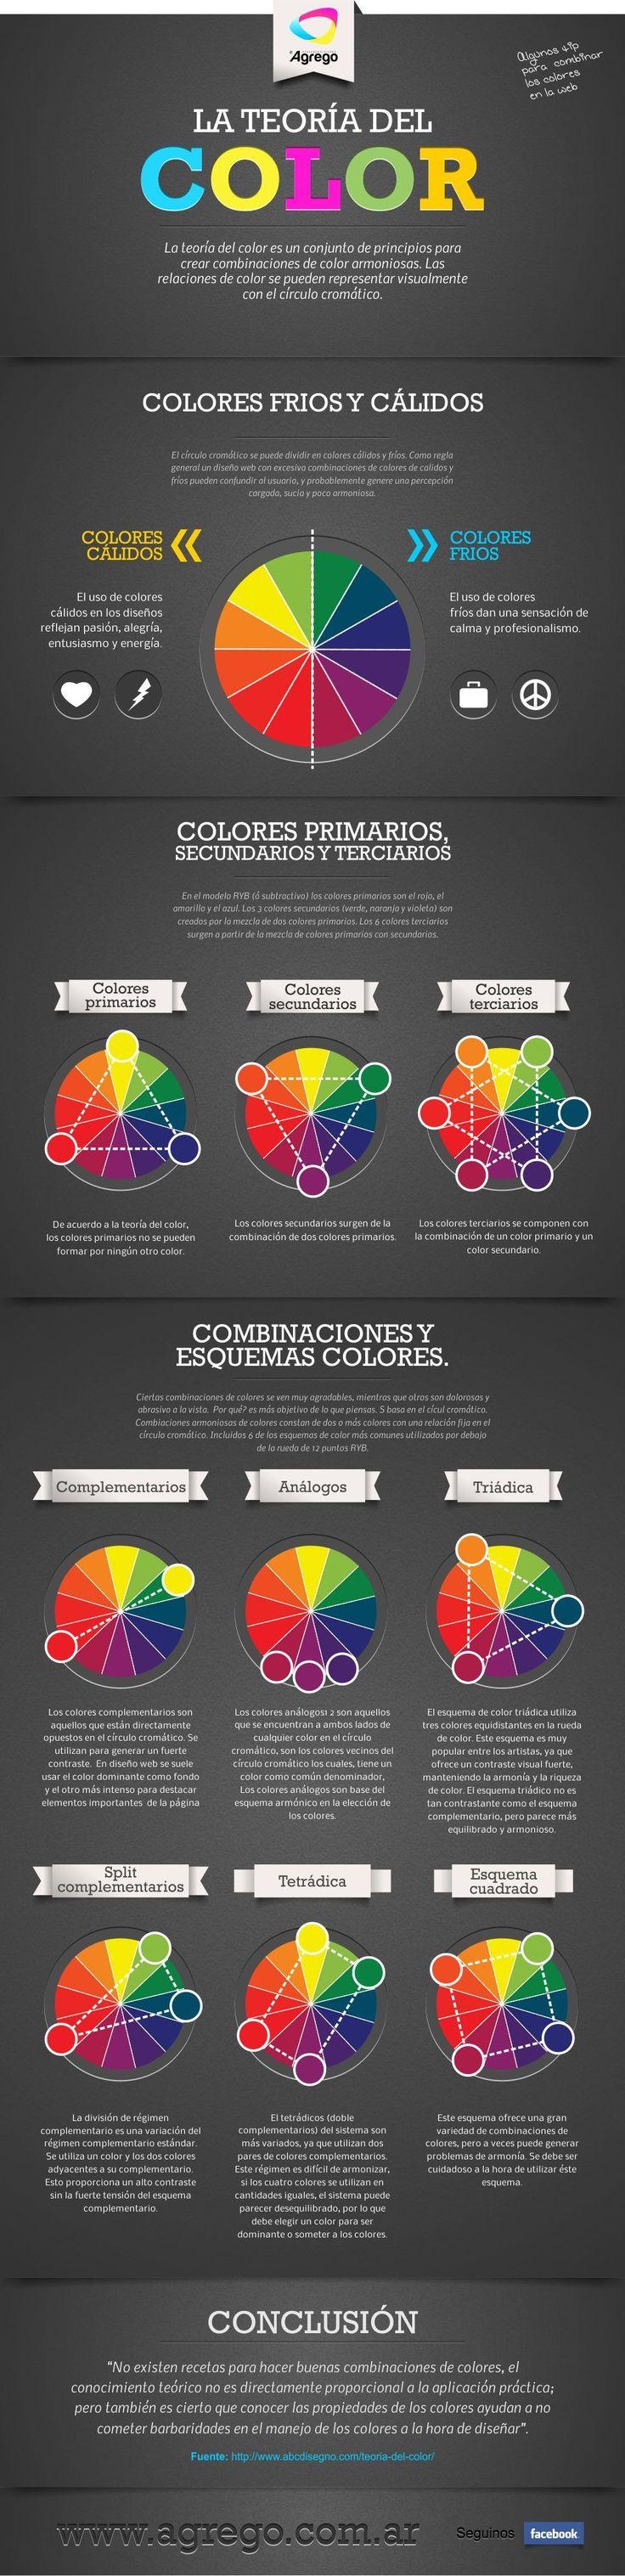 Usamos todas las #PiezasGraficas con la #Teoriadelcolor el cual combina las estrategias y mensajes que se quiere dar.